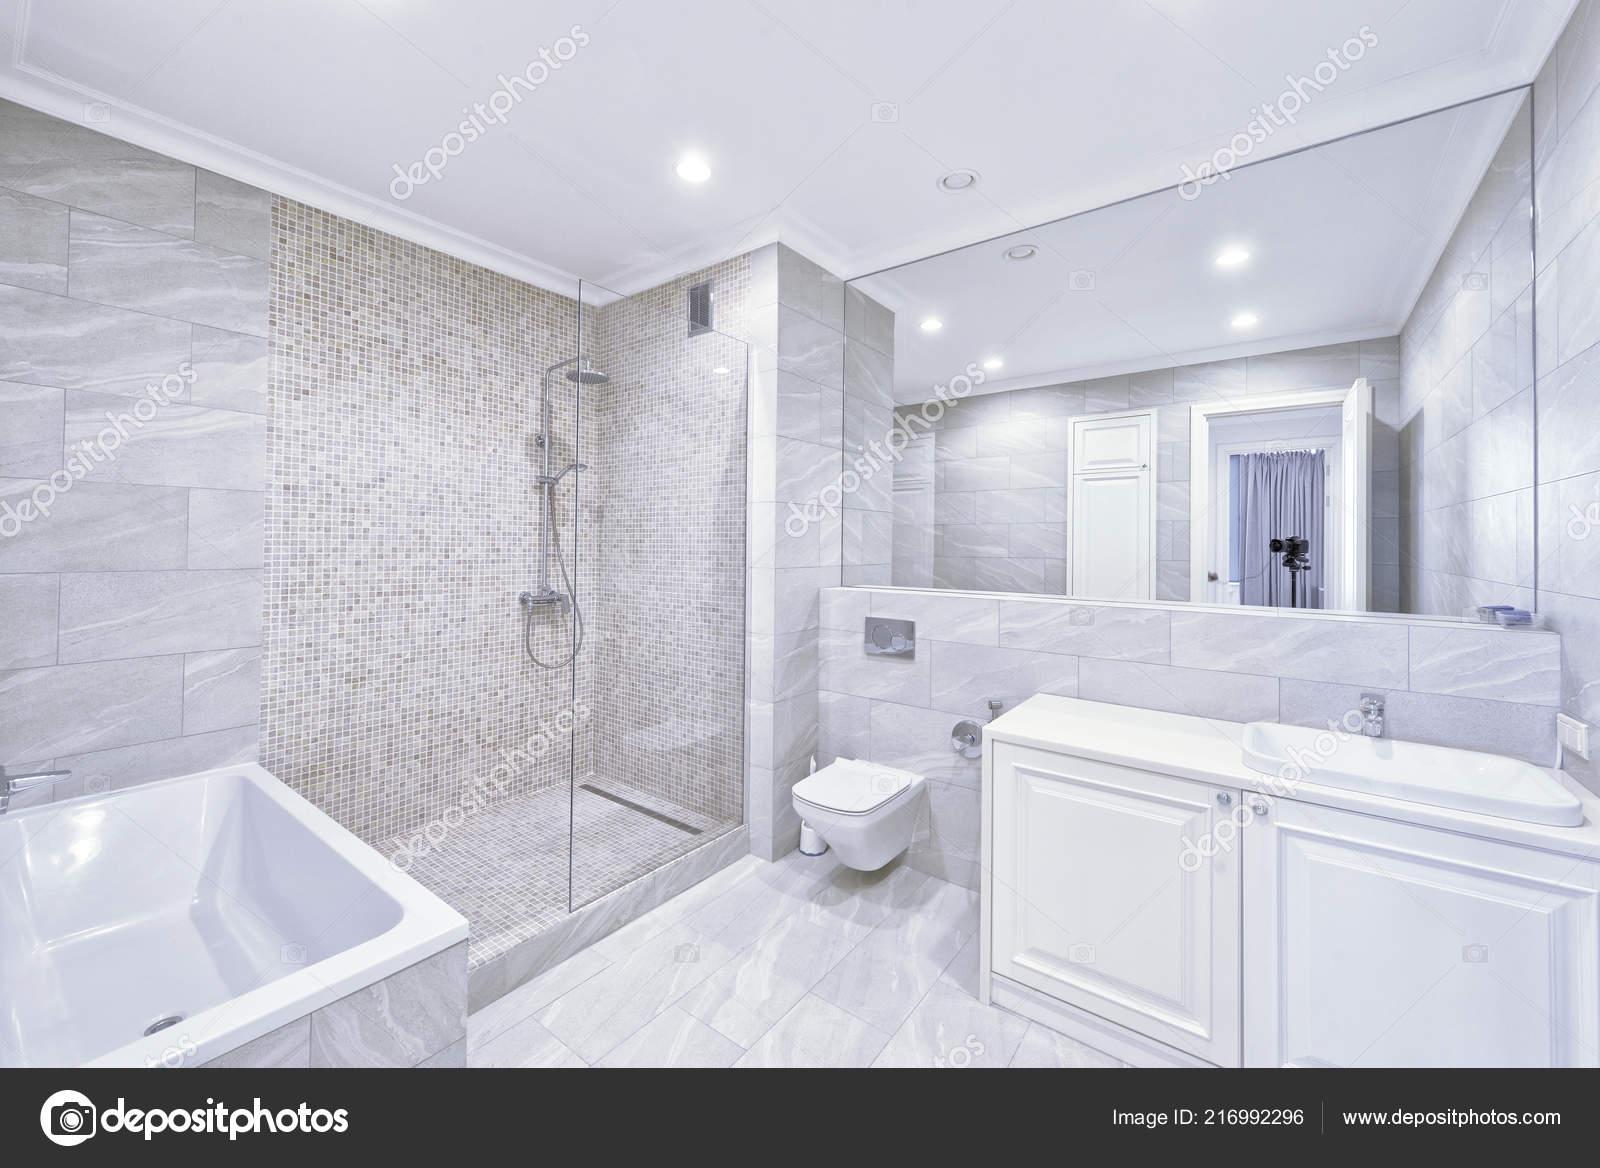 Nowoczesne Wnętrza łazienki Nowym Domu Zdjęcie Stockowe